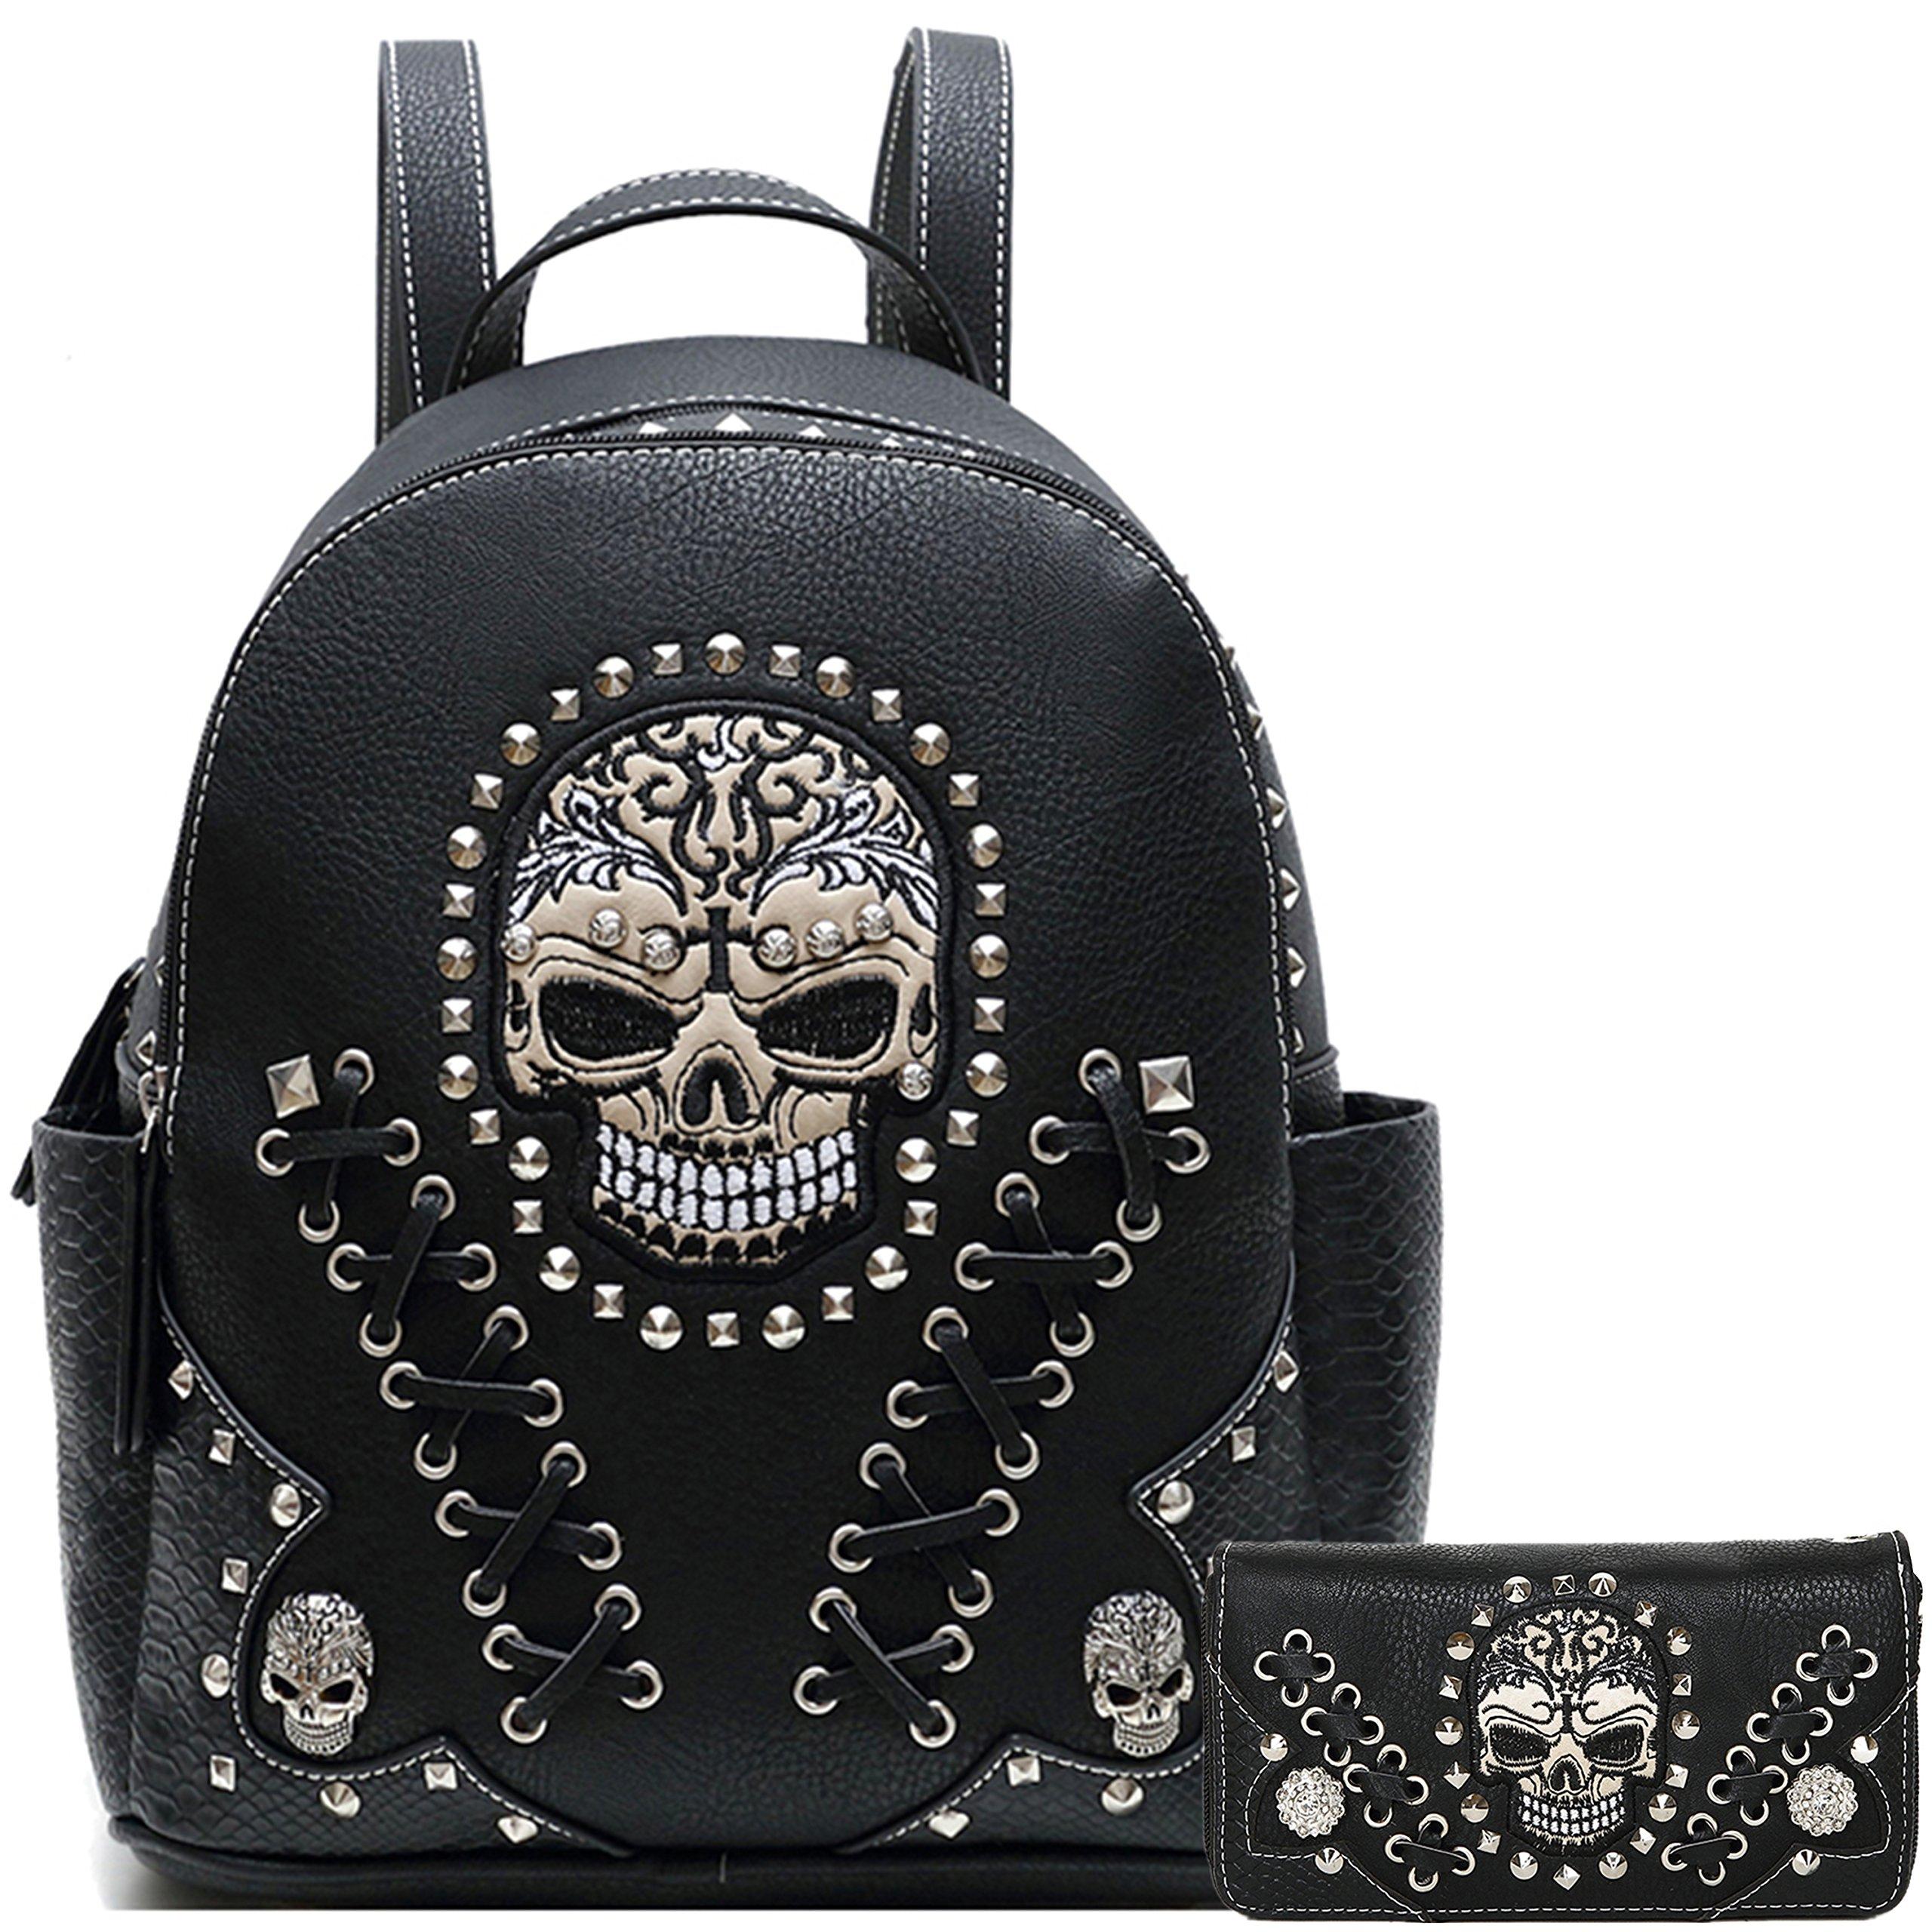 Sugar Skull Punk Art Rivet Stud Biker Purse Women Fashion Backpack Python Daypack Shoulder Bag Wallet Set (Black Set)